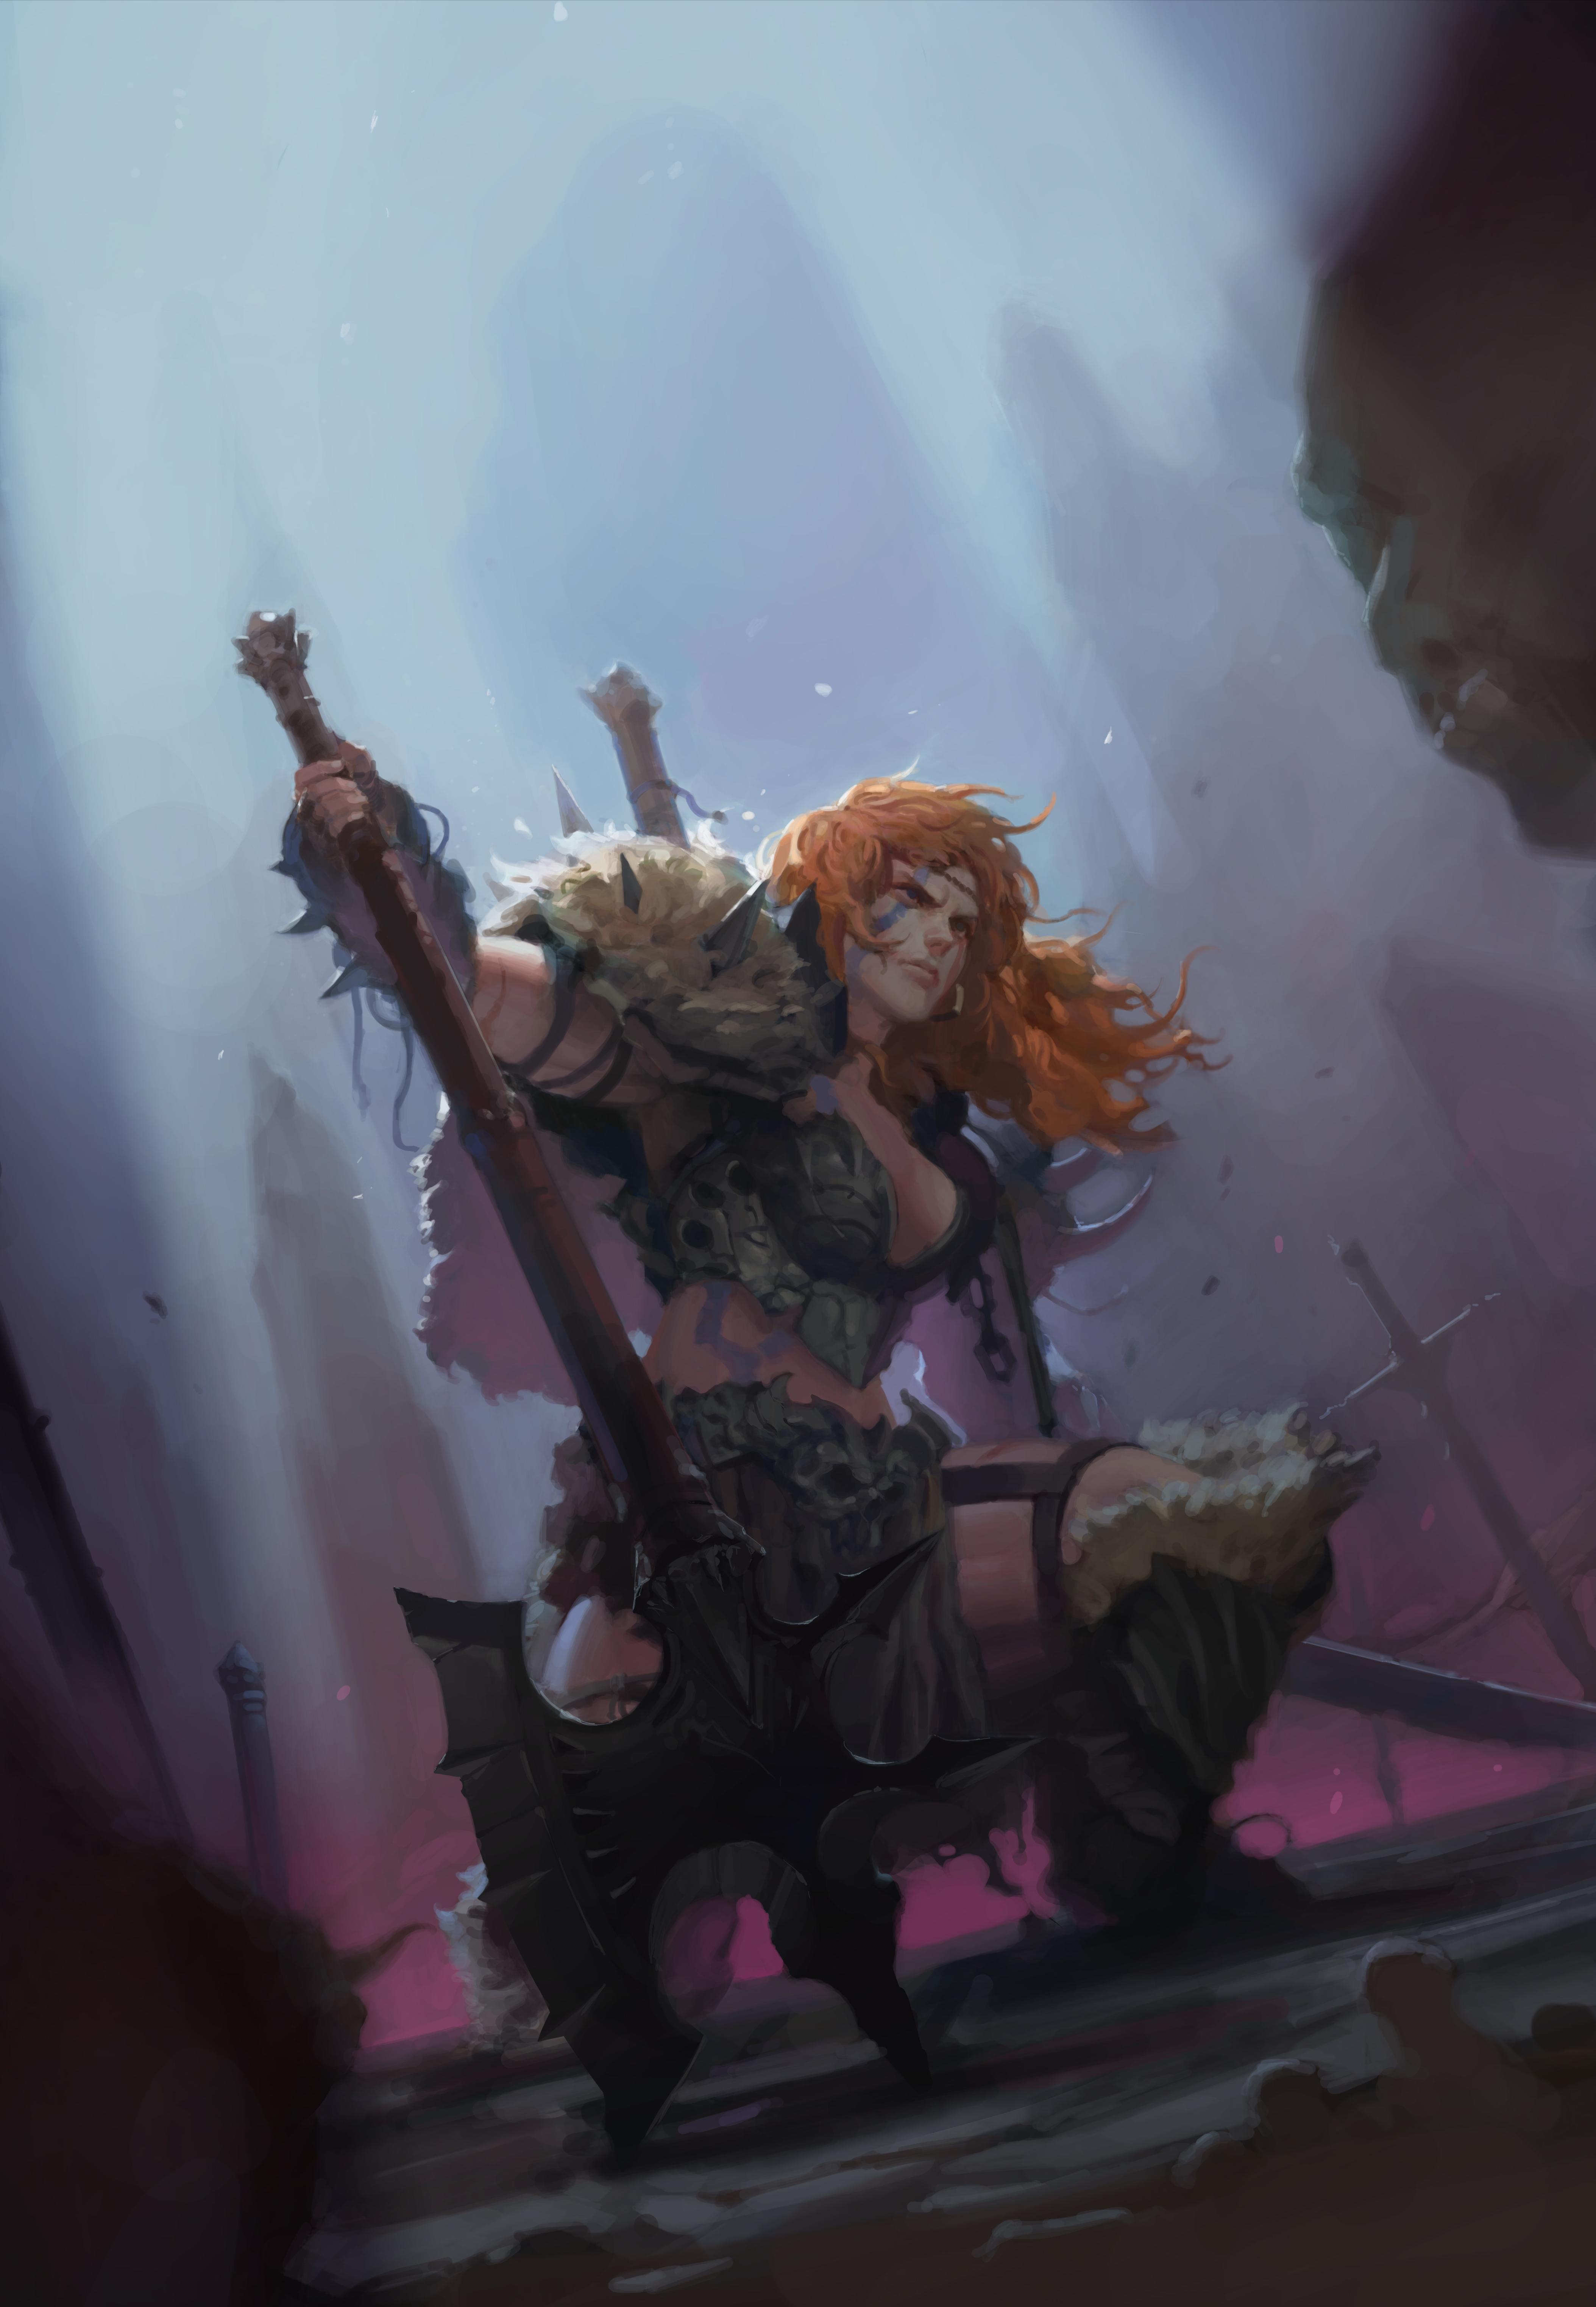 fan art : Barbarian